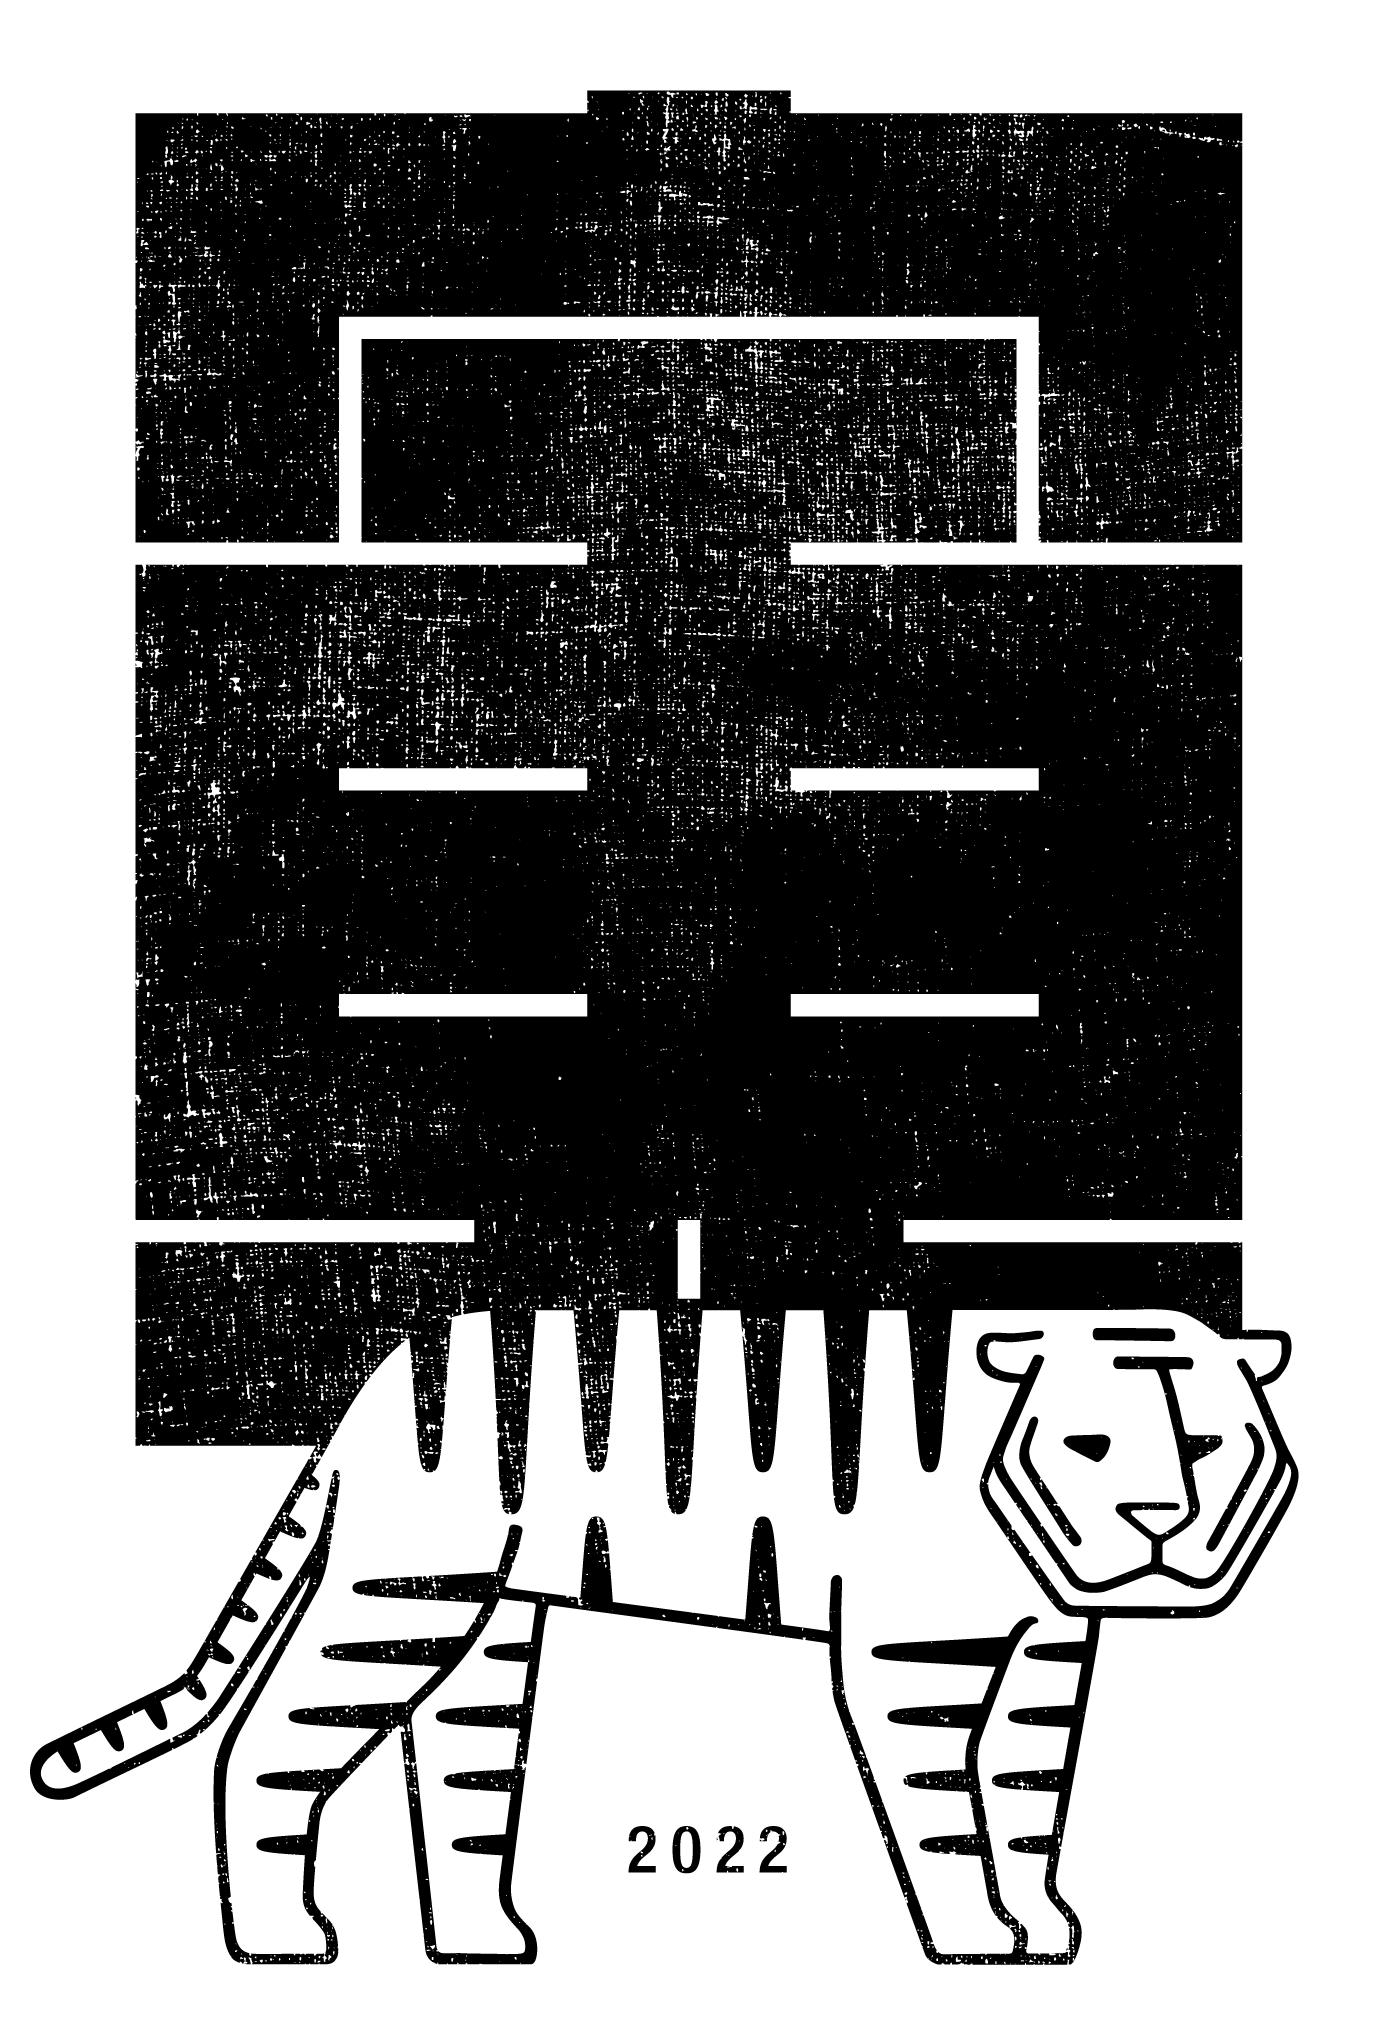 2022年賀状17-3:寅の江戸角字 / 立虎(黒)のダウンロード画像